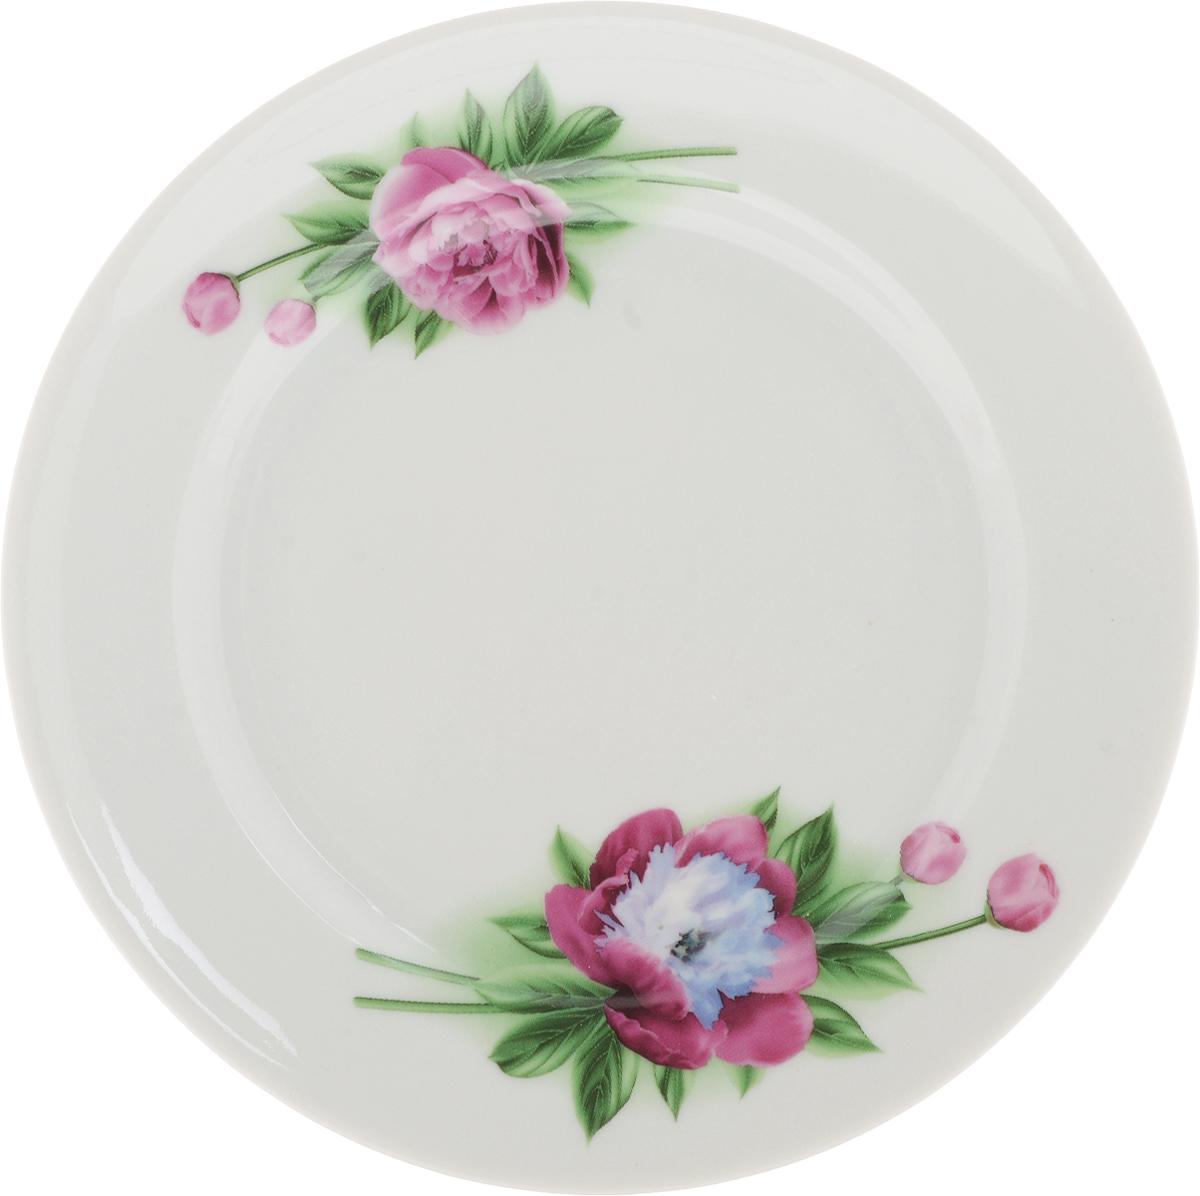 Тарелка Идиллия. Пион, диаметр 17 см набор для супа добрушский фарфор пион 10 пр 2с0150